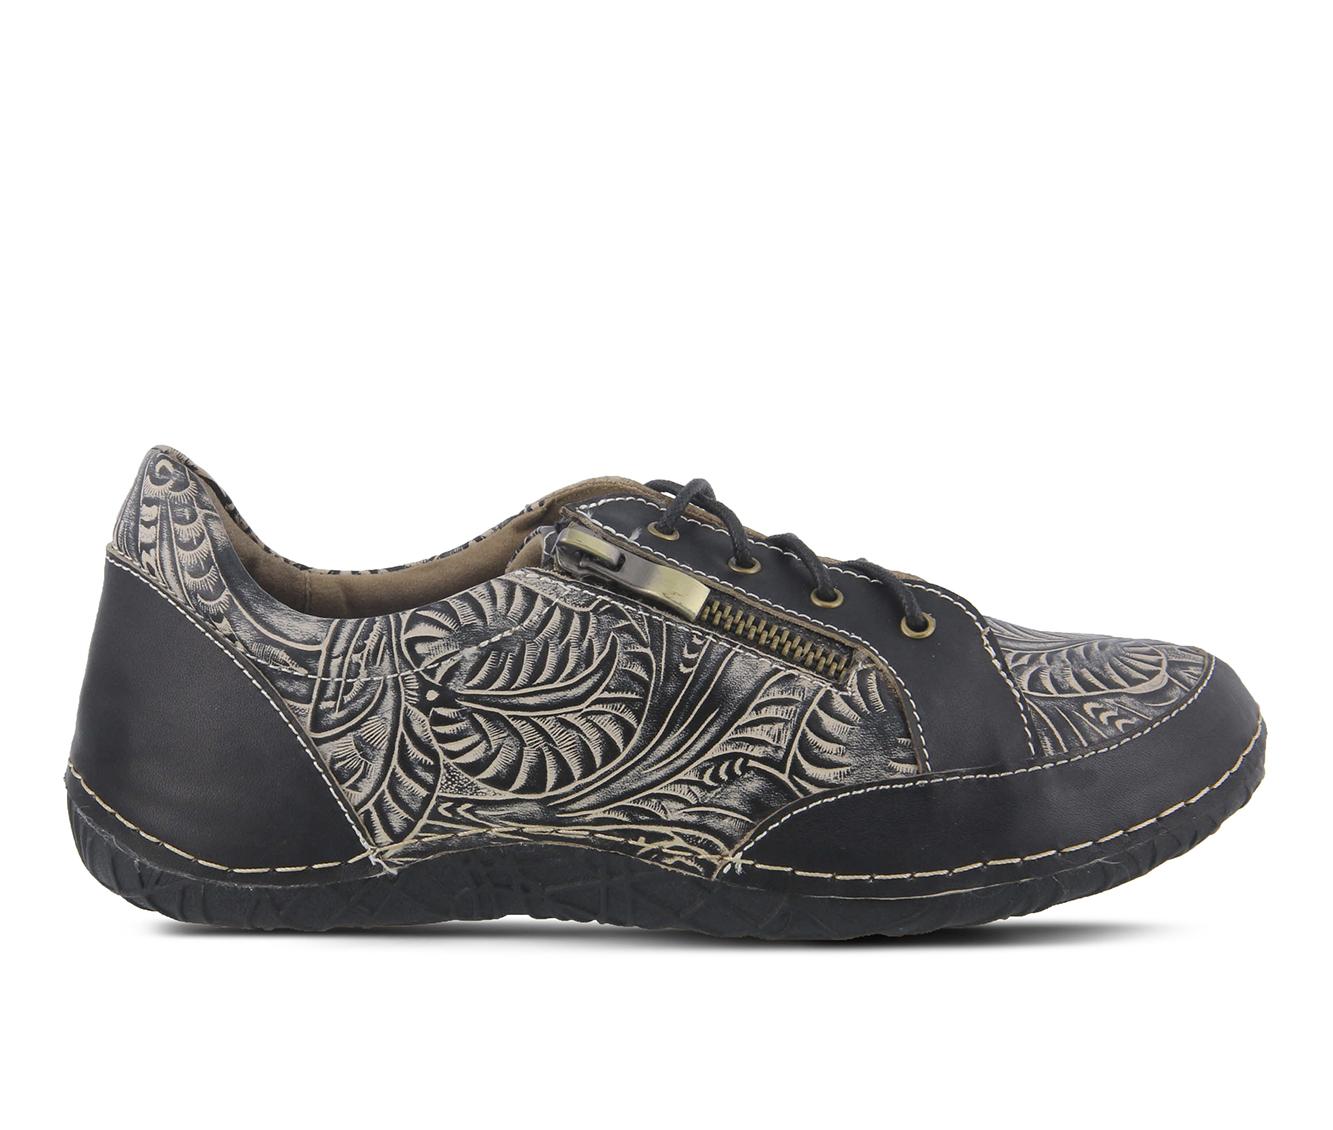 L'Artiste Cluny Women's Shoe (Black Leather)